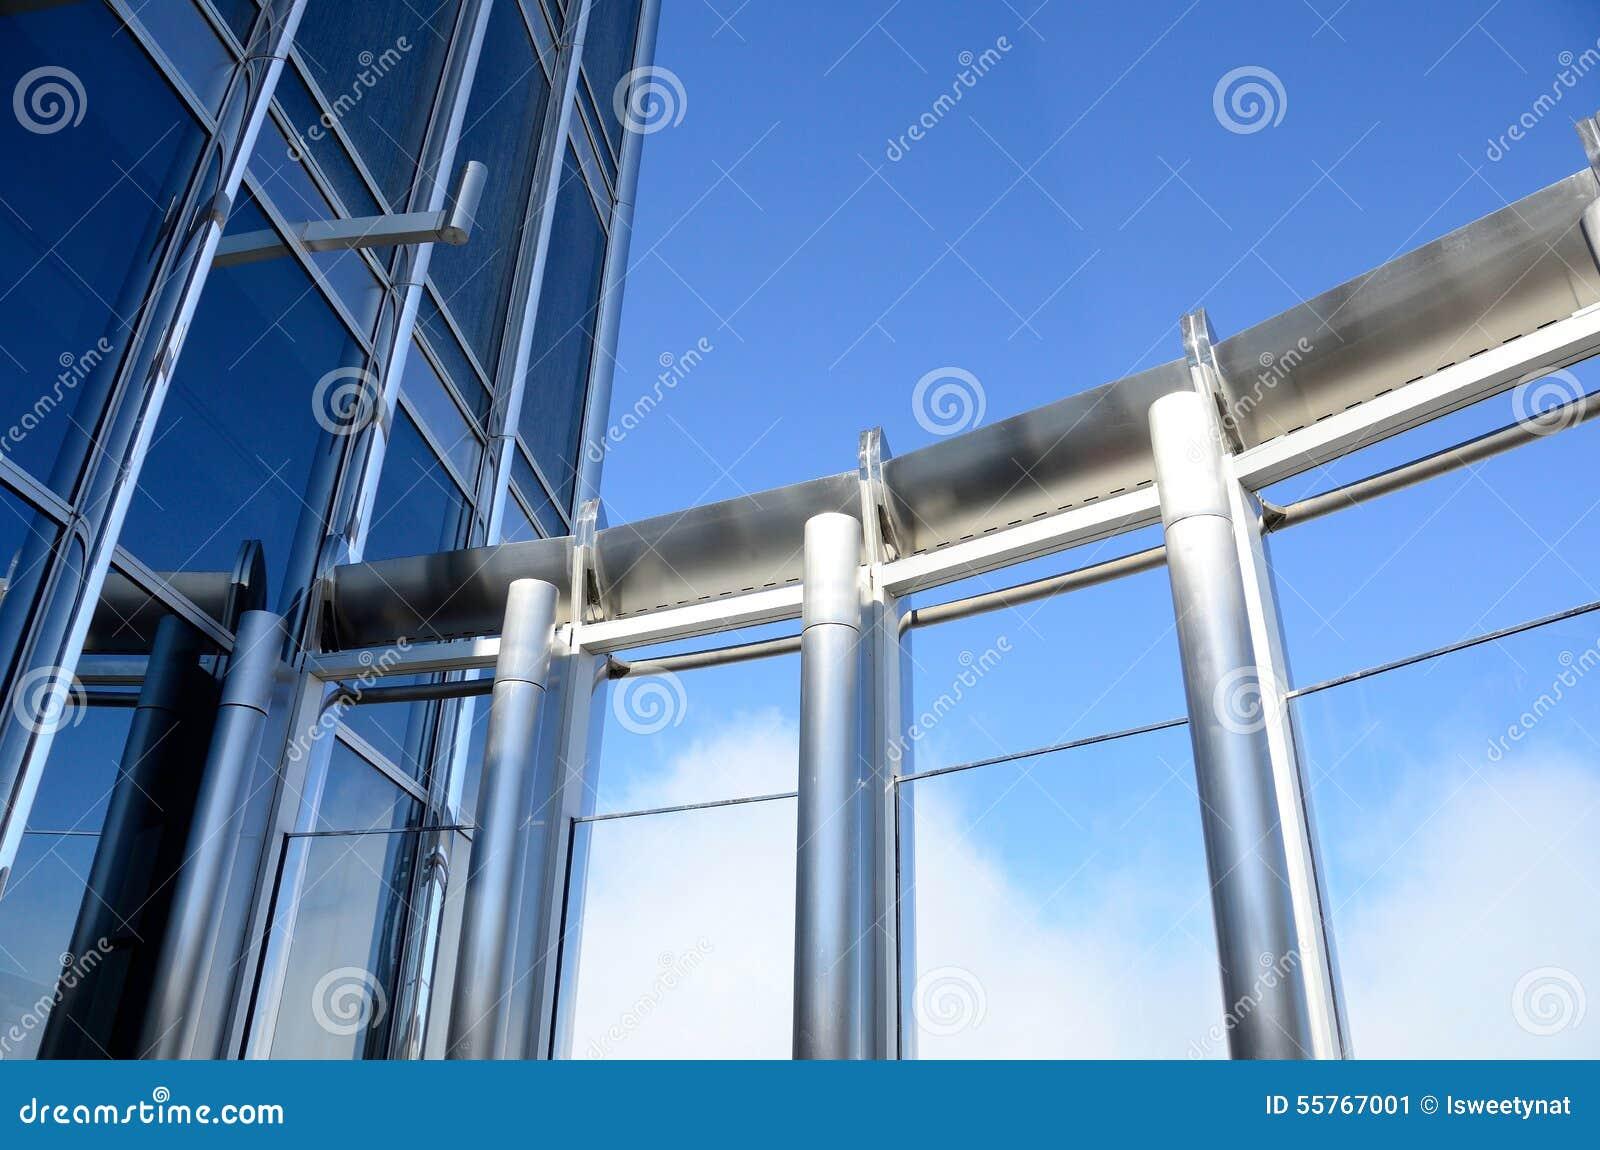 Paredes de cristal y marcos de acero foto de archivo - Paredes de cristal precios ...